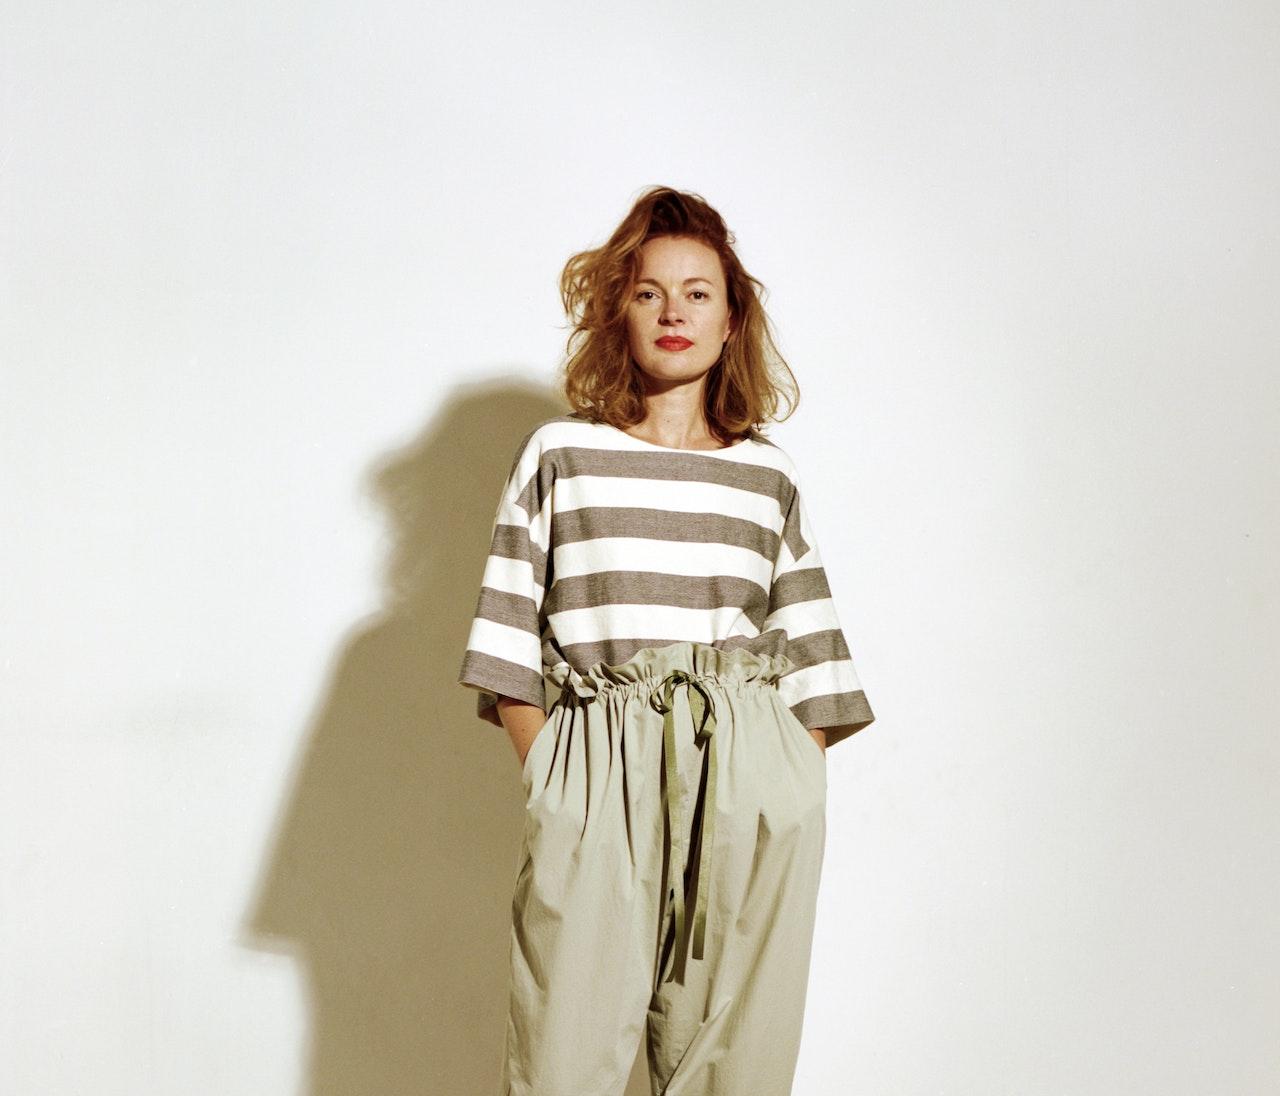 #LOVELIEF: Margo meets MARGO! Lief founder Margo Mars wears MARGO SS18.